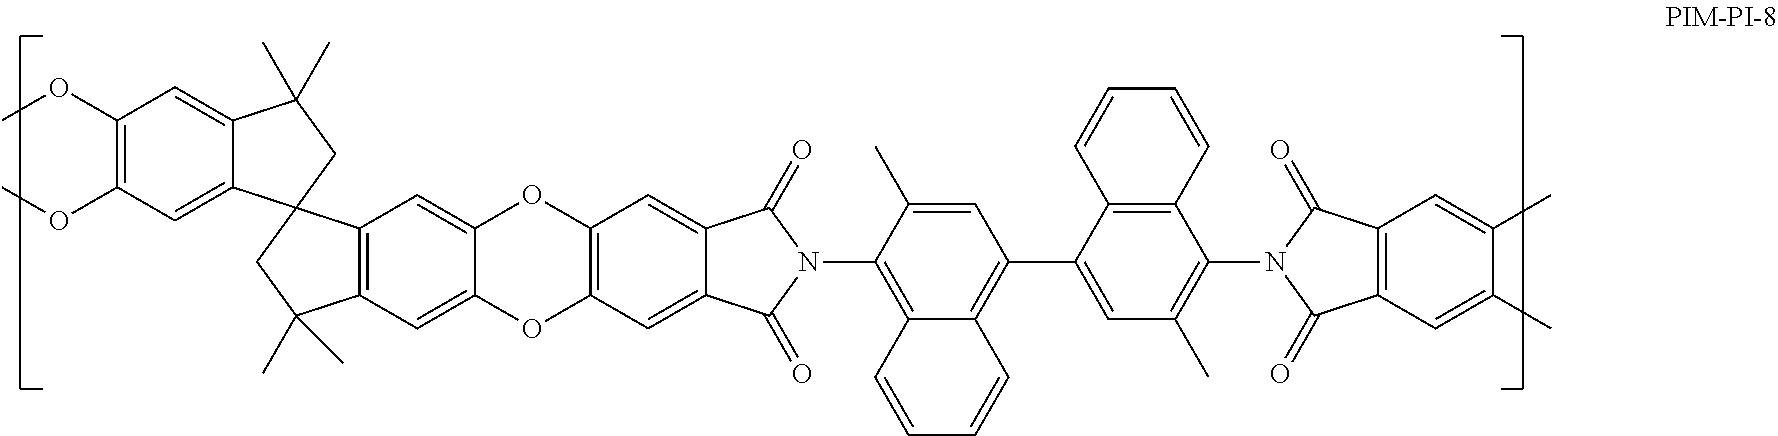 Figure US09522364-20161220-C00013